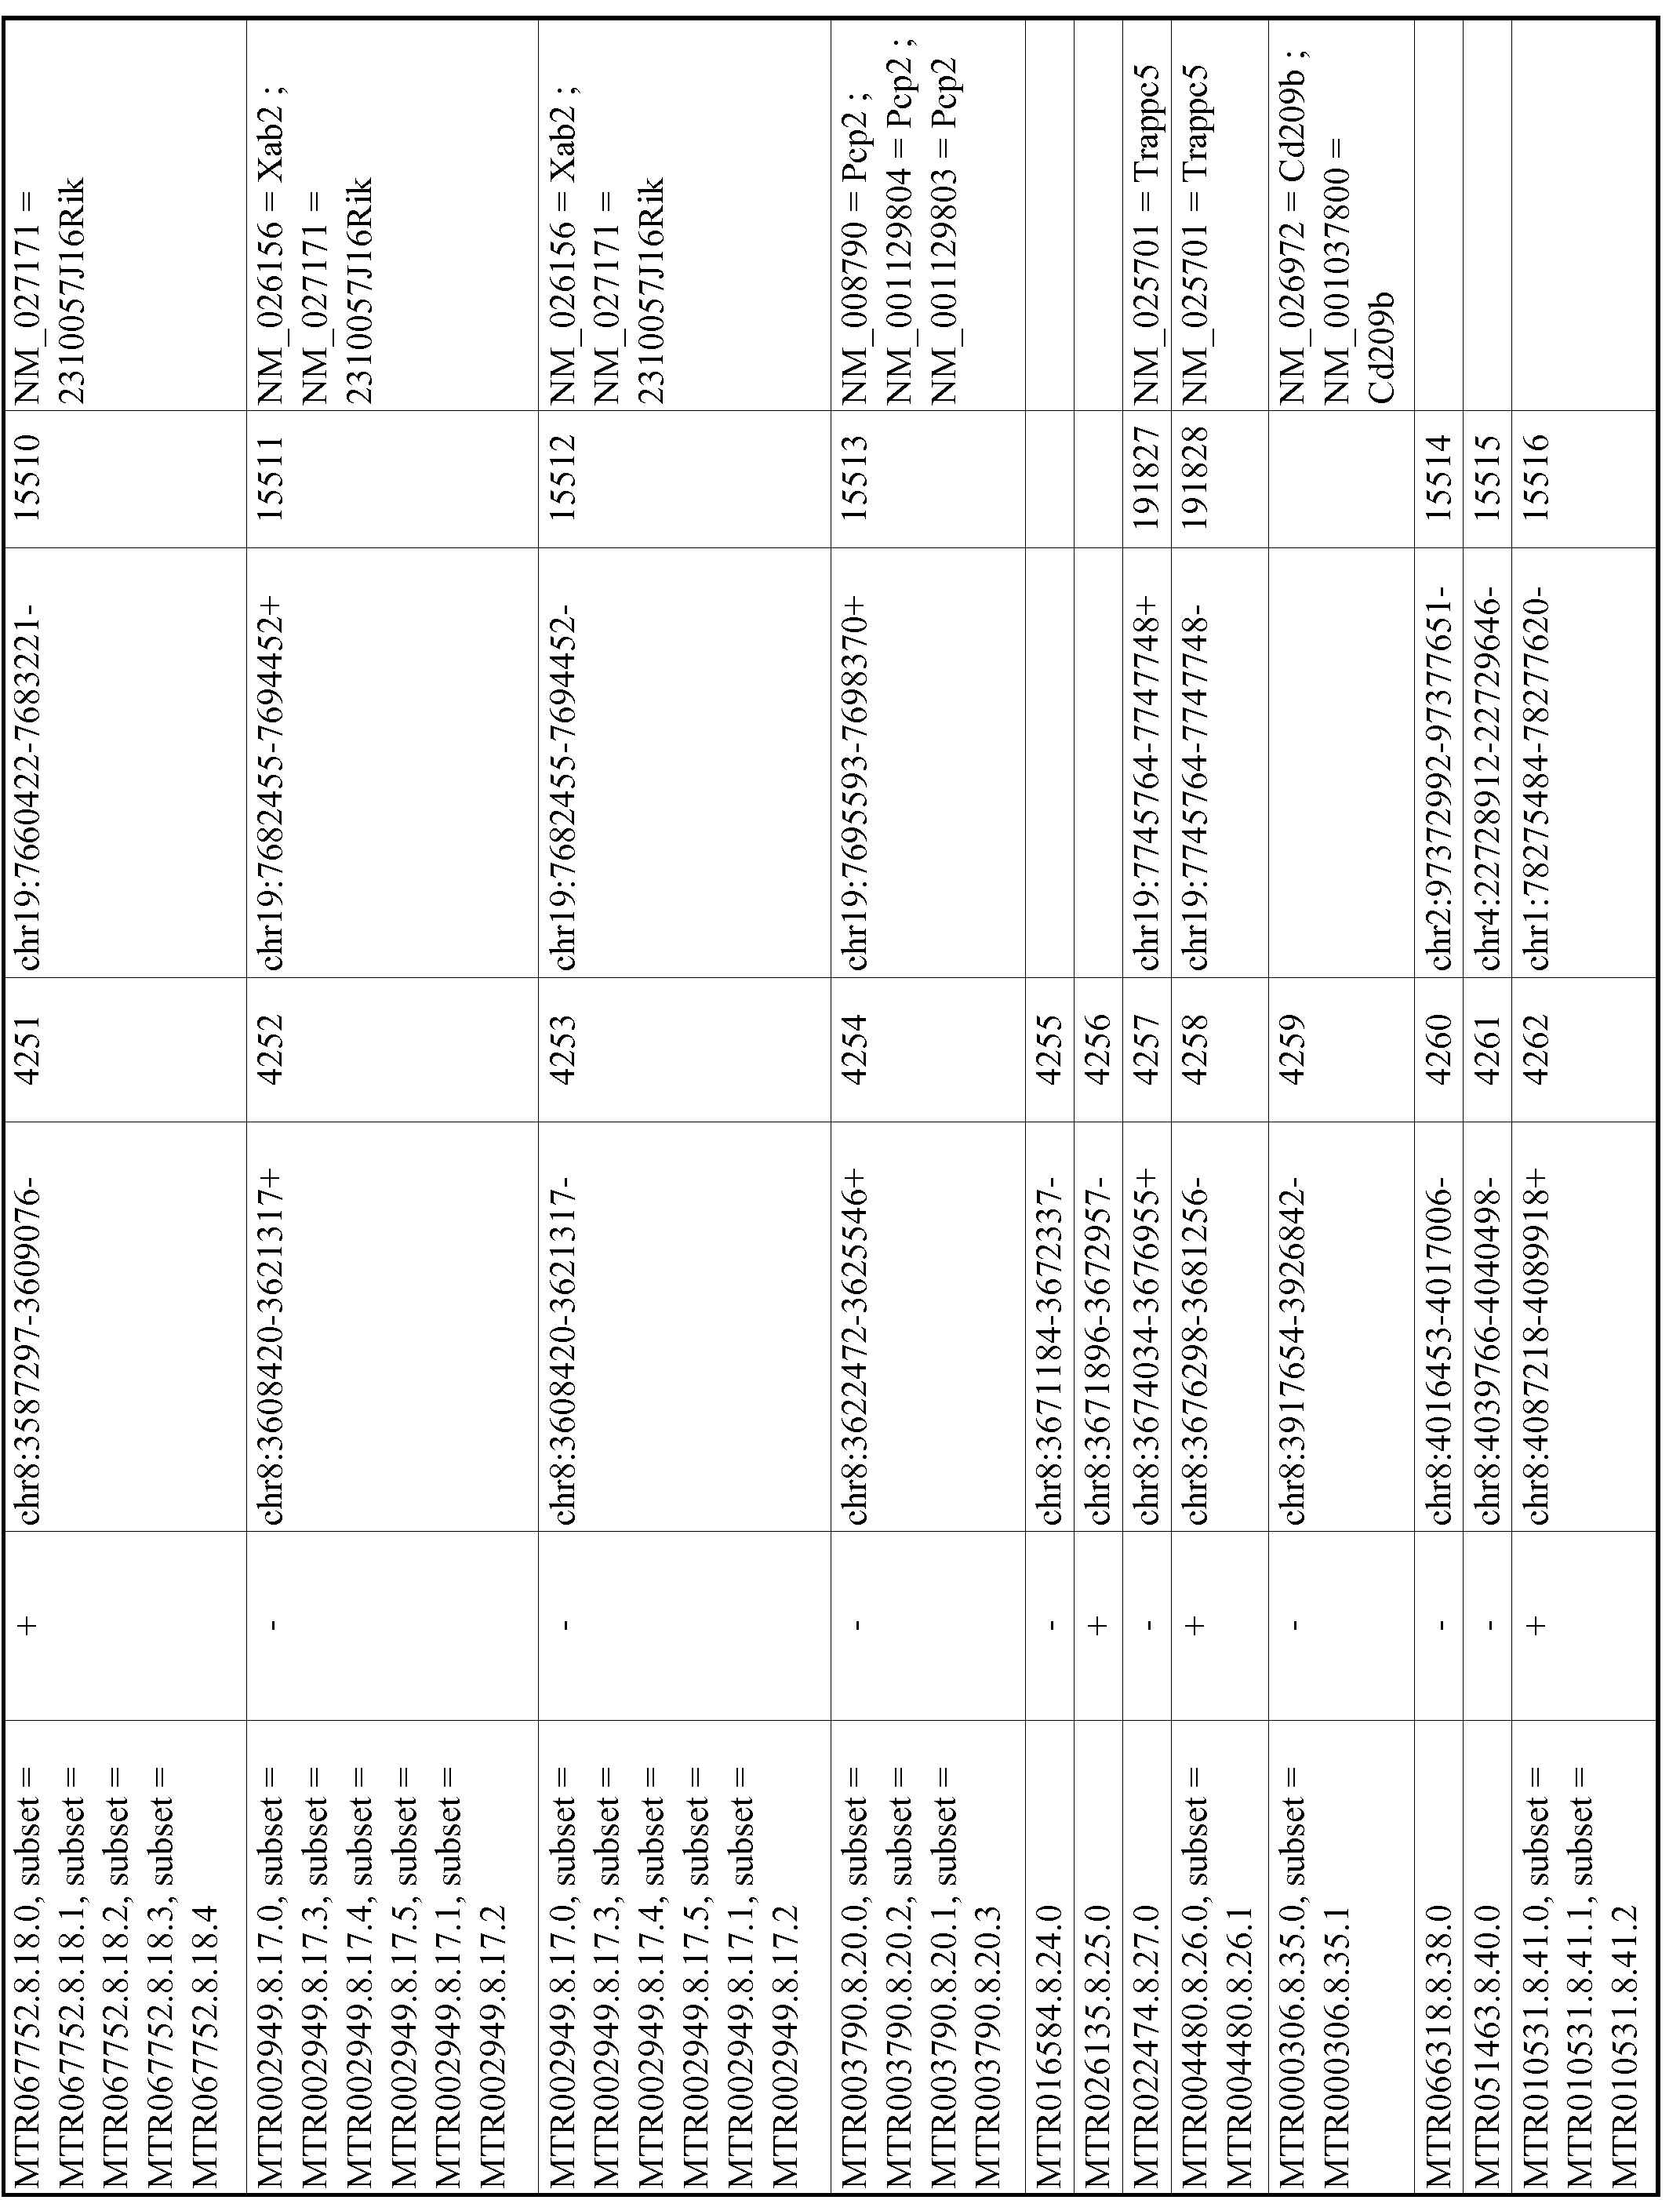 Figure imgf000806_0001